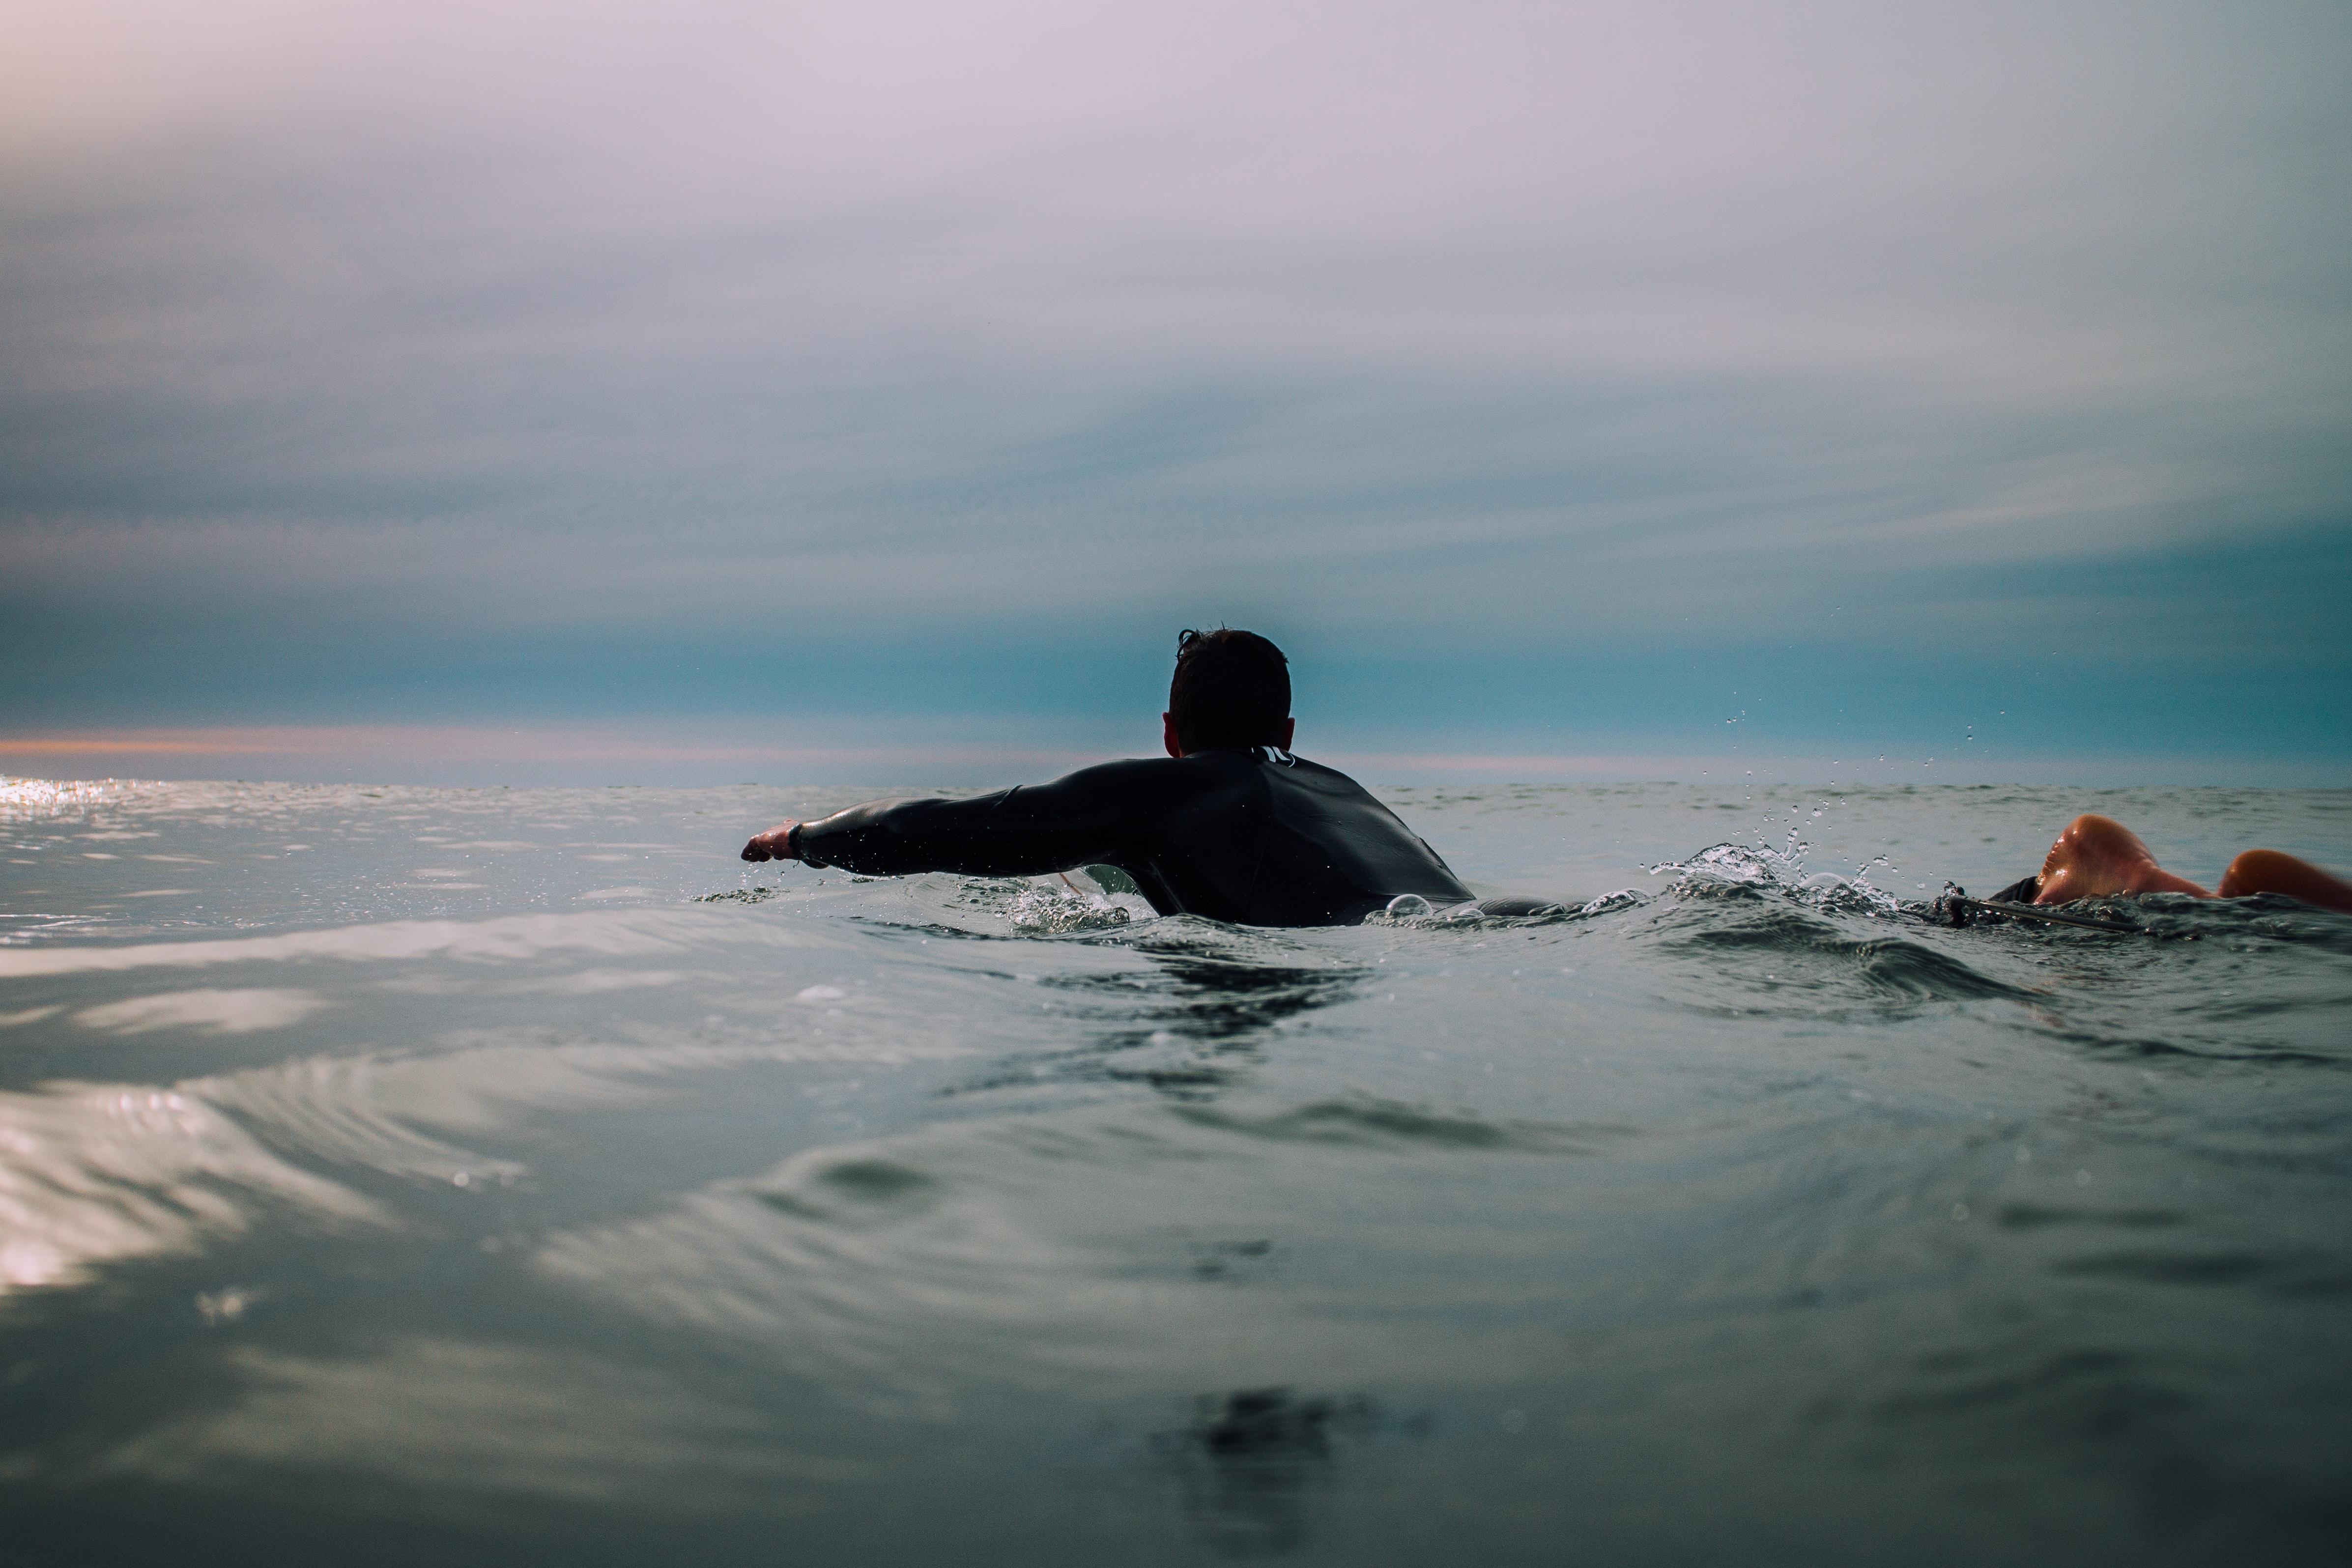 A male surfer swimming in a calm sea under a cloudy sky in Raglan